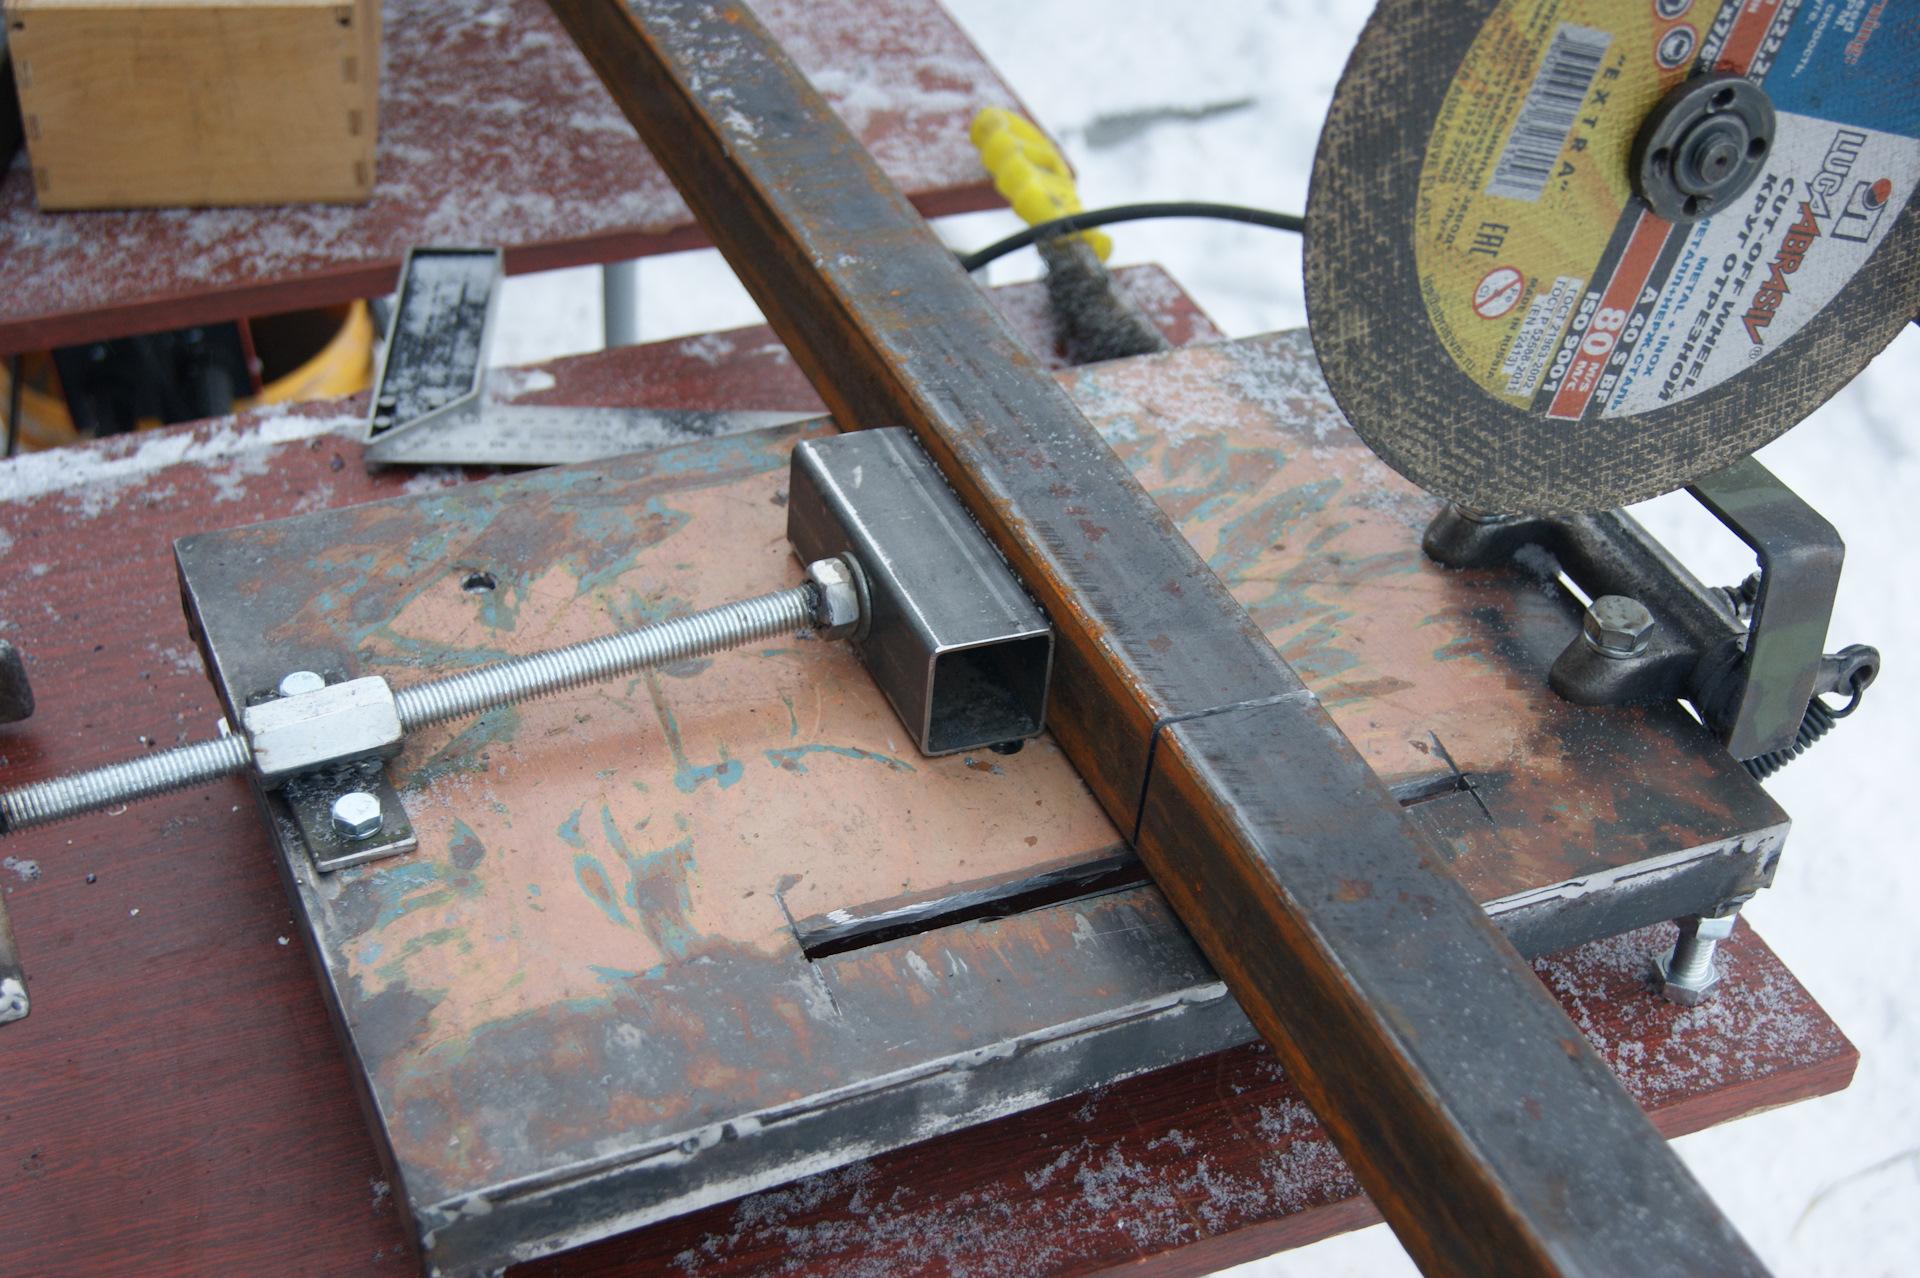 Стойка для болгарки своими руками - 95 фото простых и эффективных стоек для электроинструмента